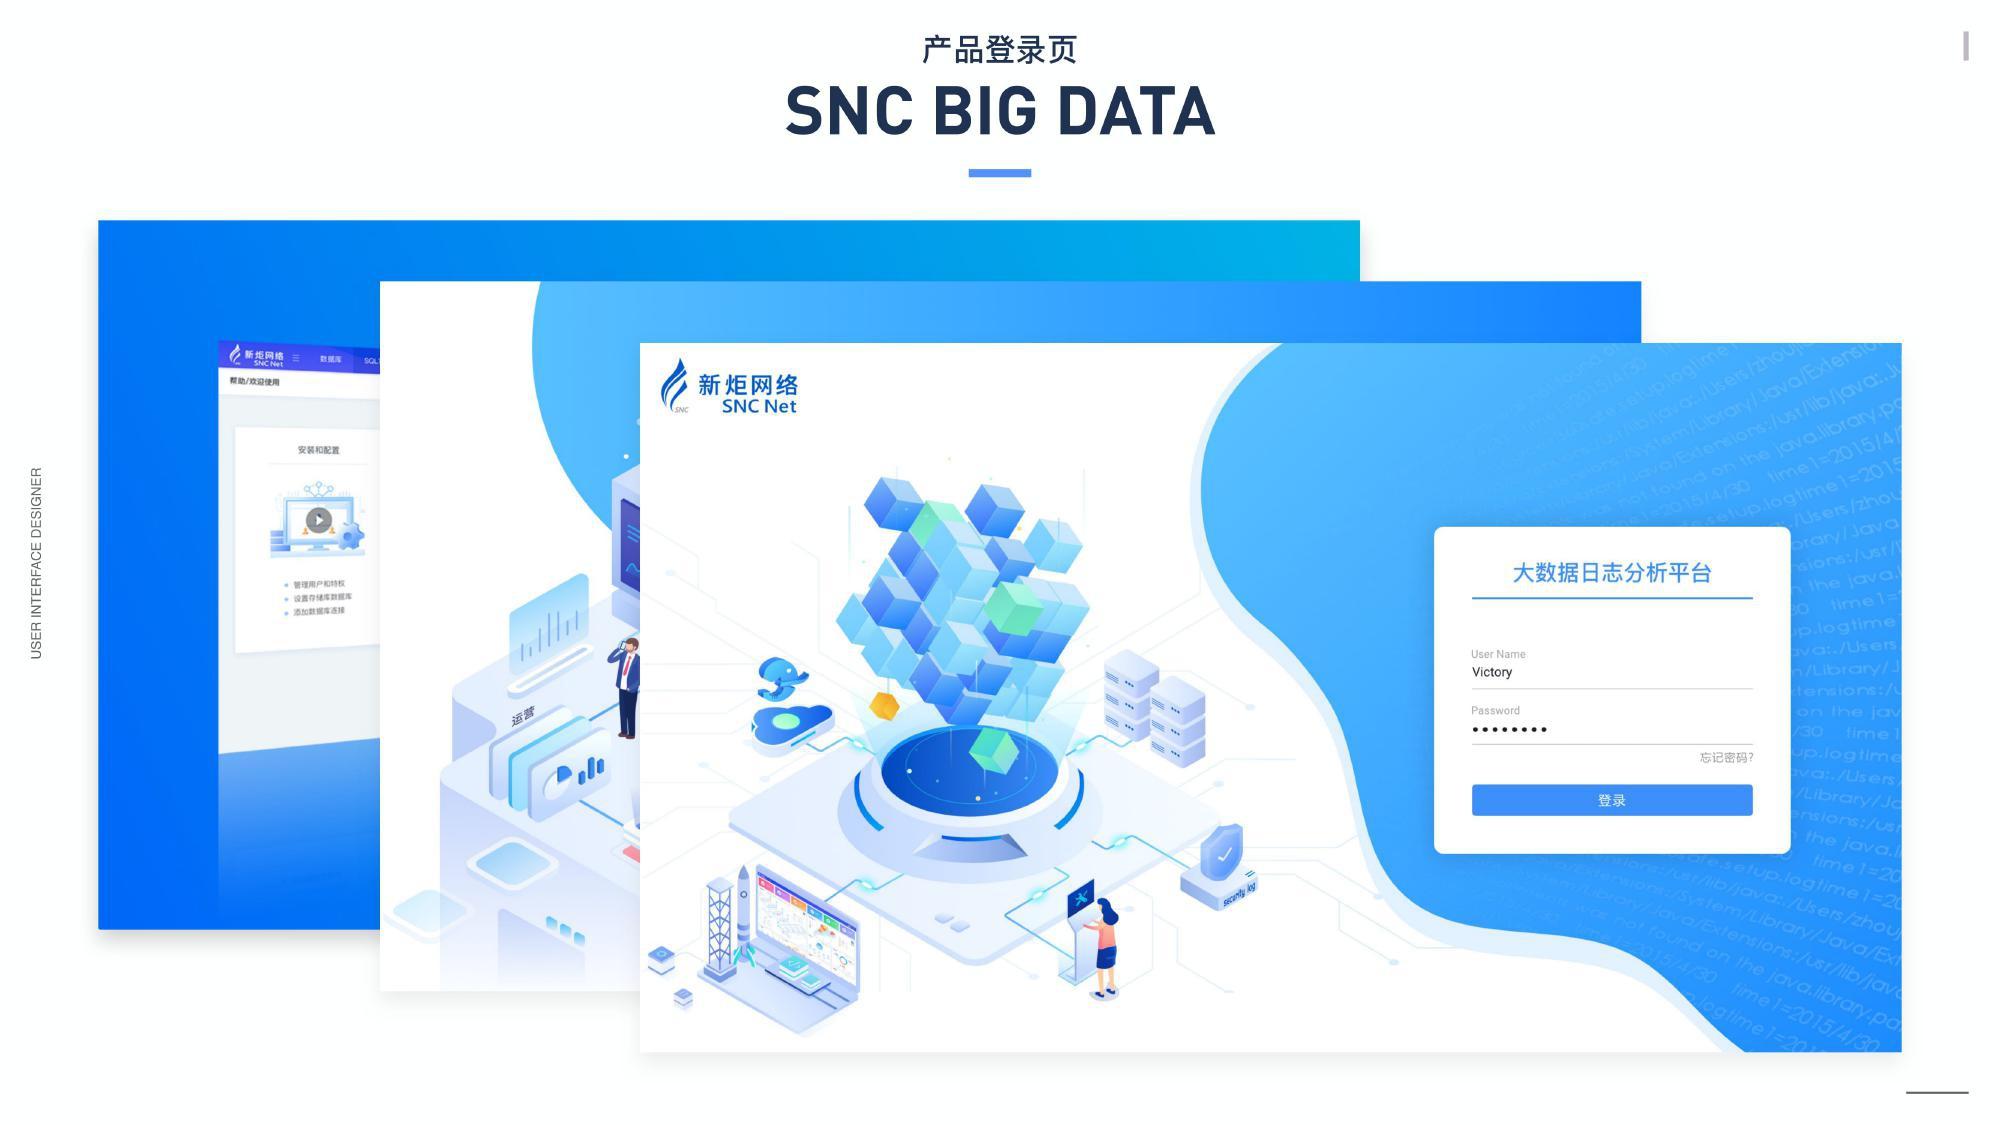 新炬网络大数据平台